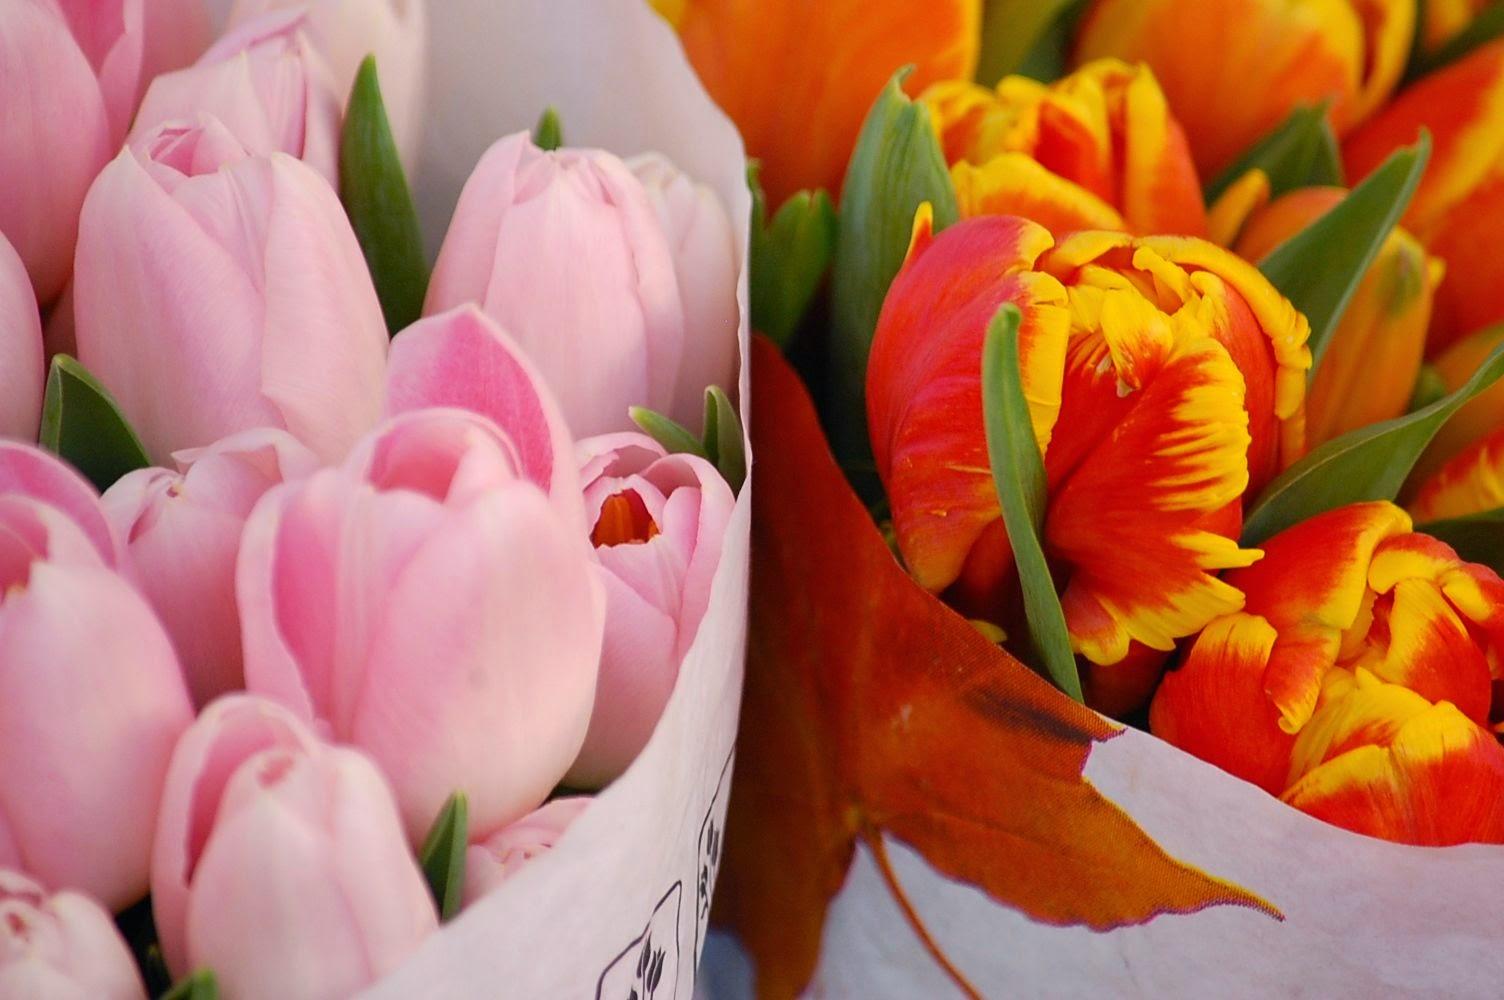 tulips campo di fiori rome italy